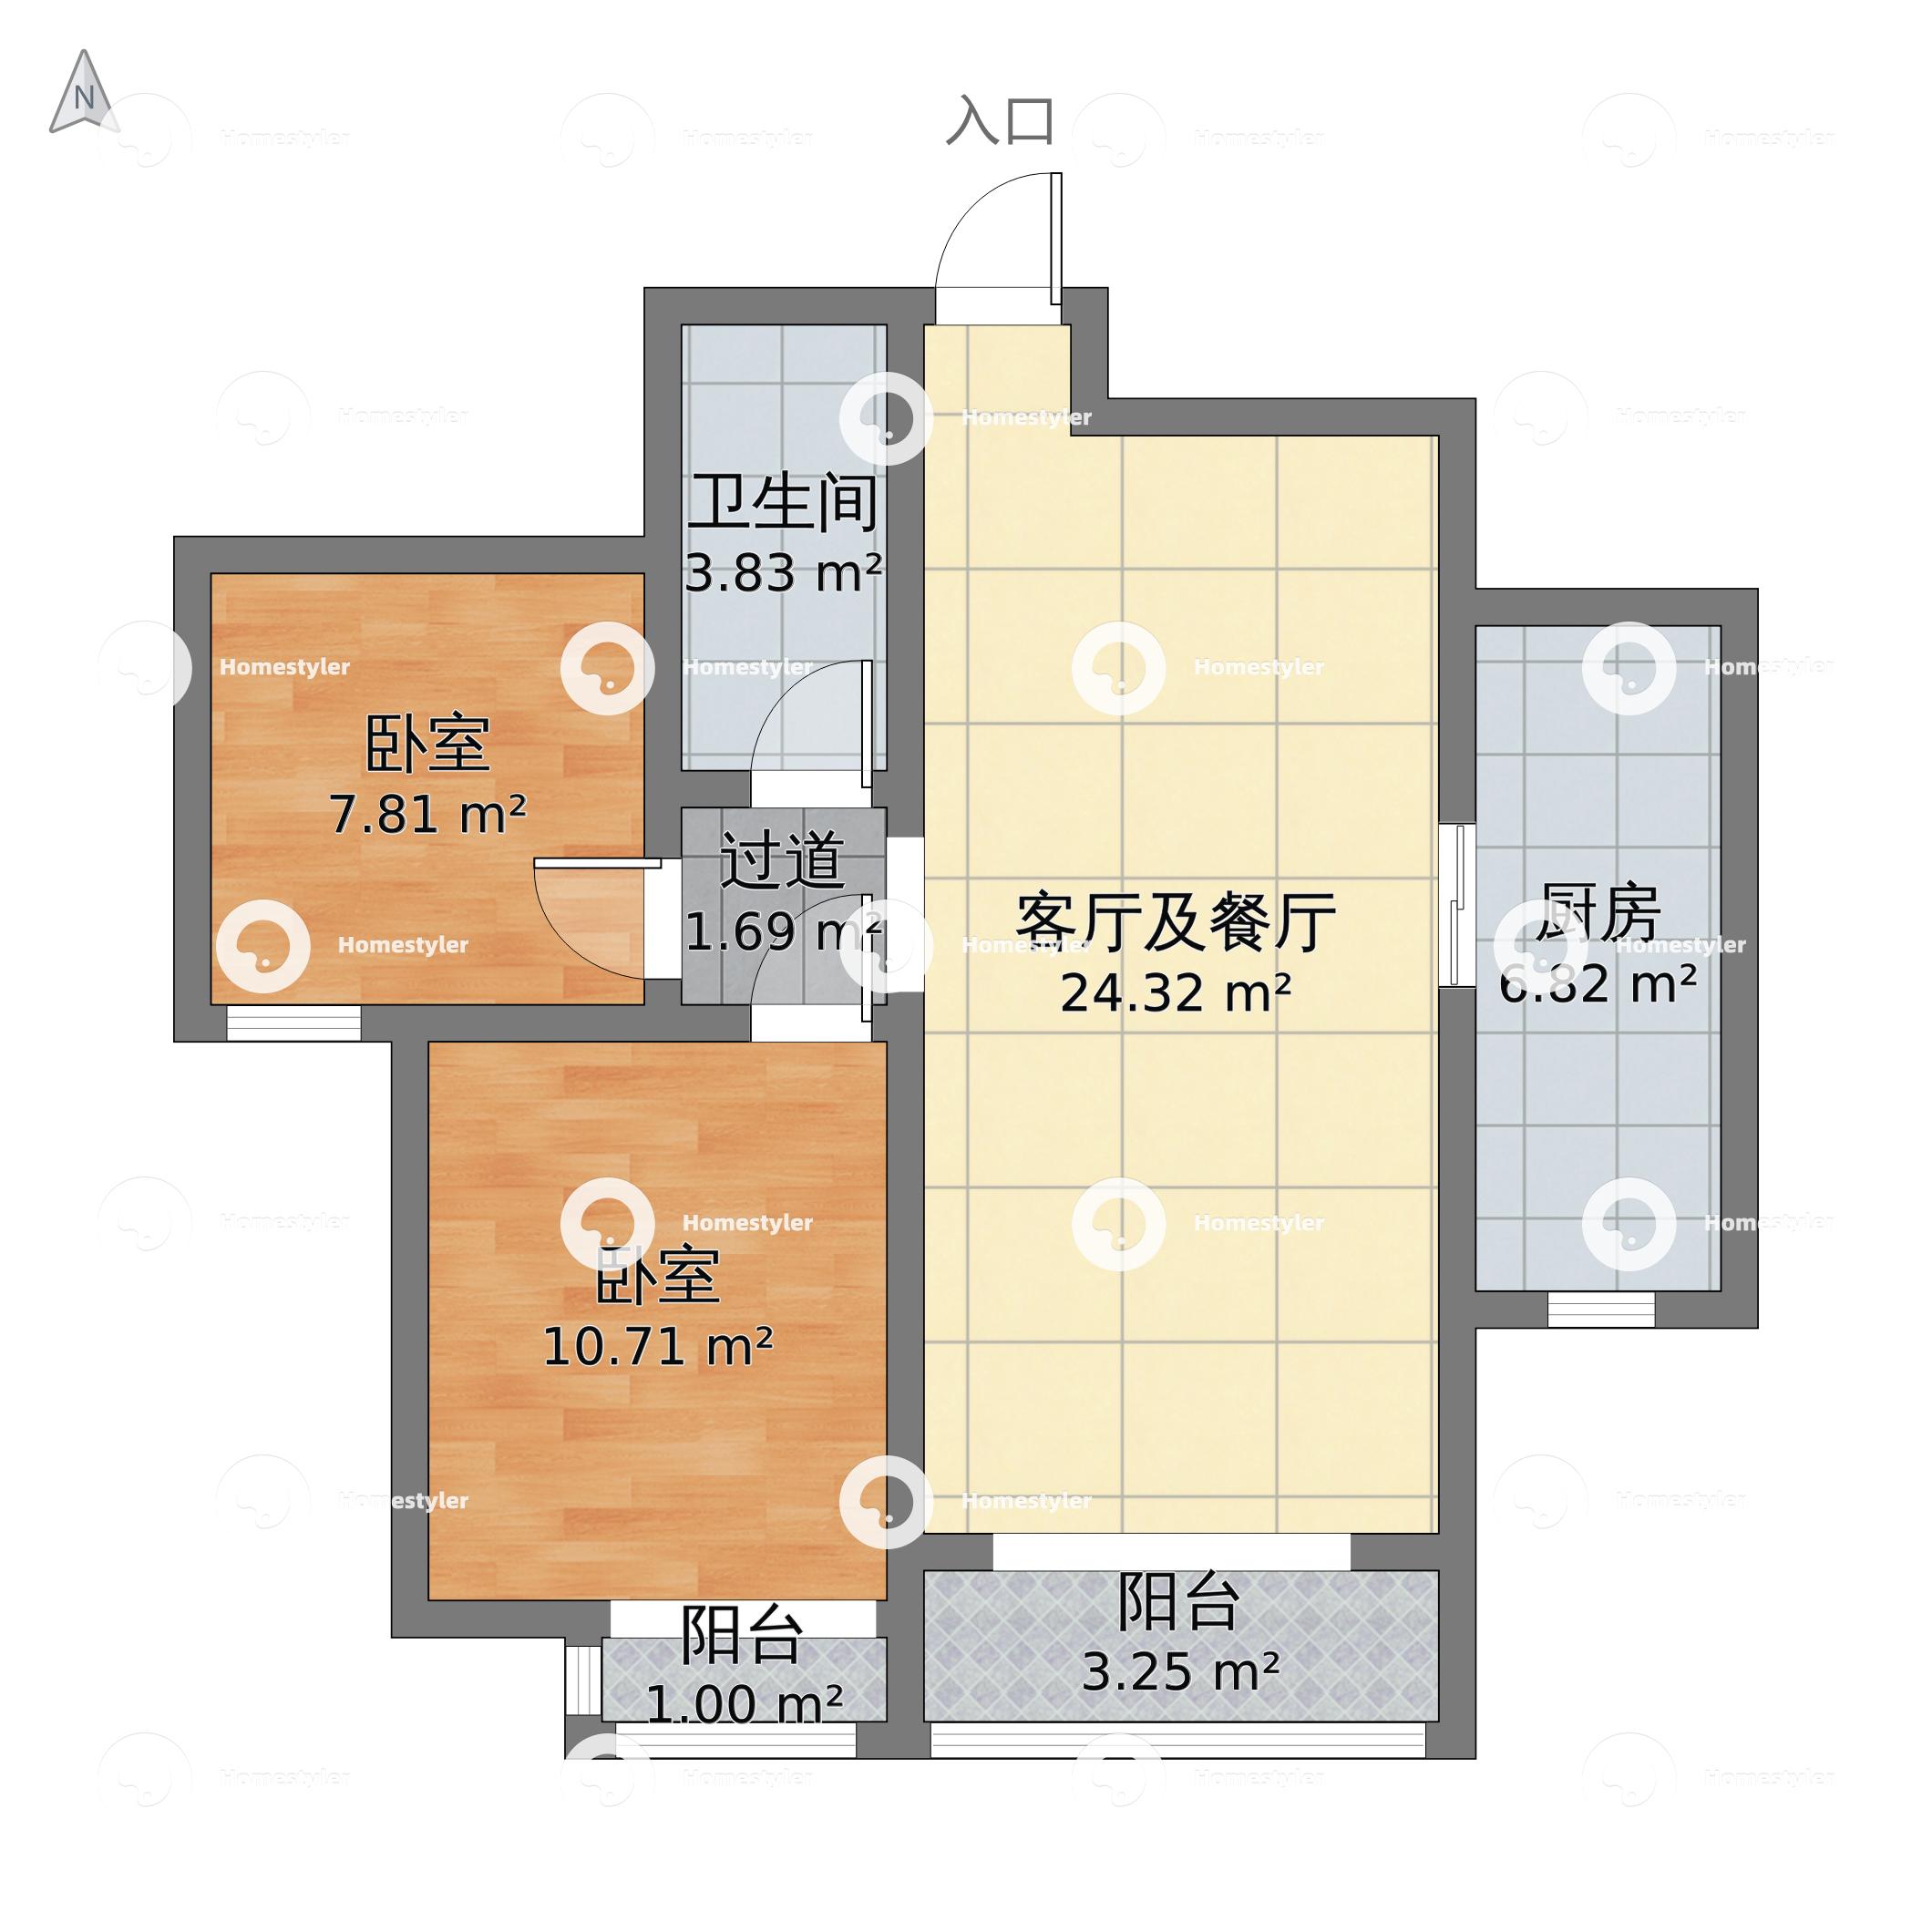 华业东方玫瑰C区小区户型图